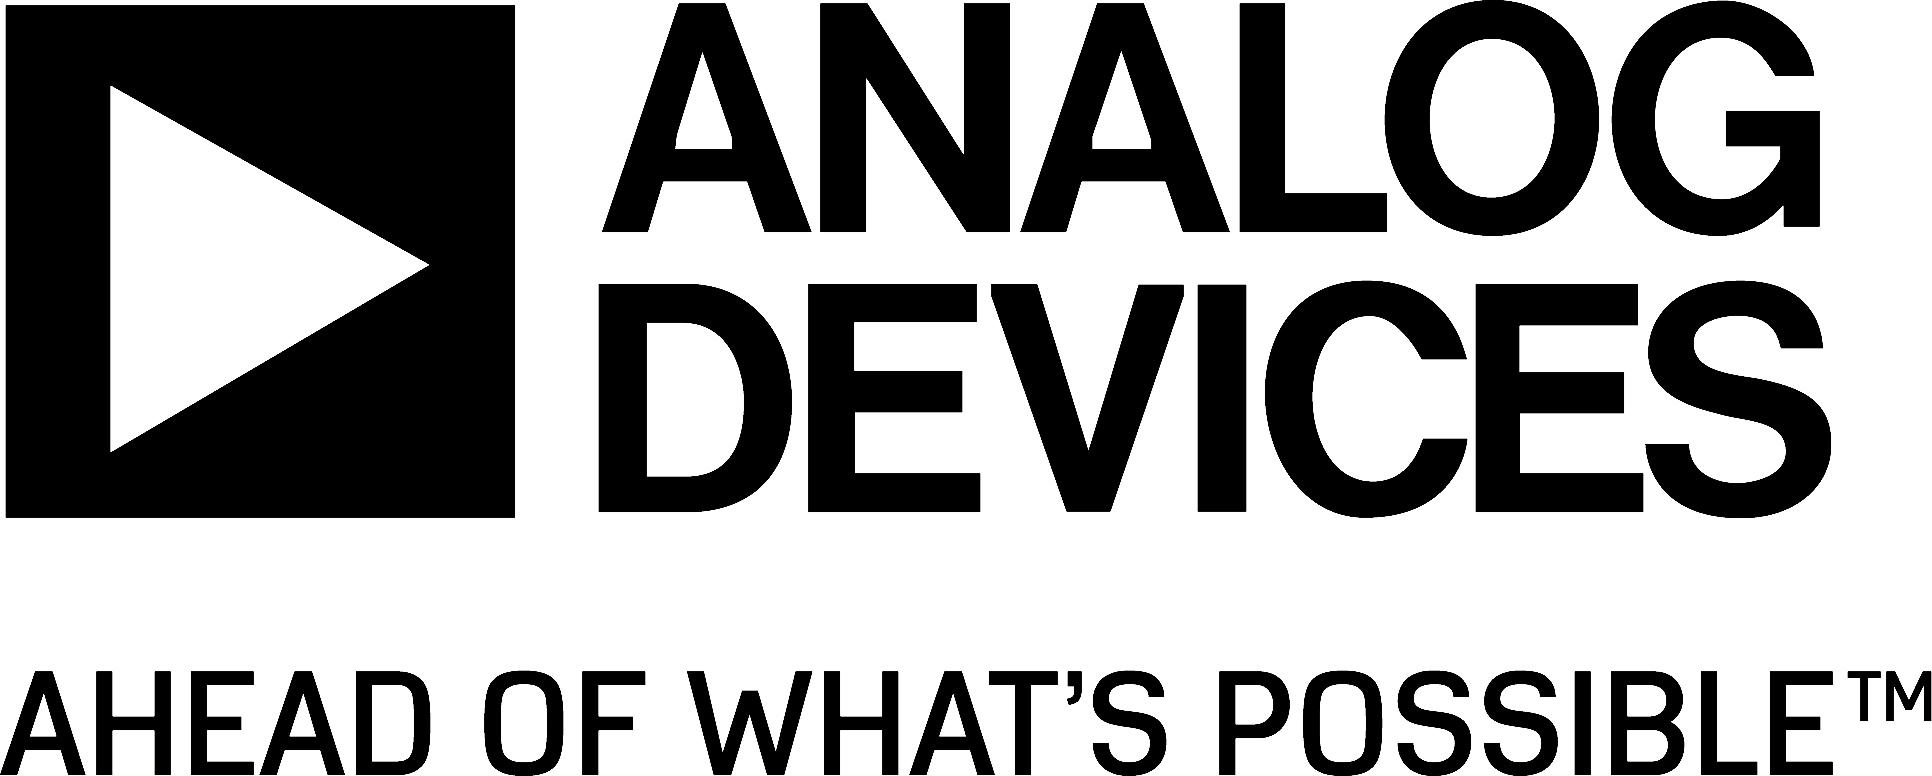 Image of Analog Devices' logo.